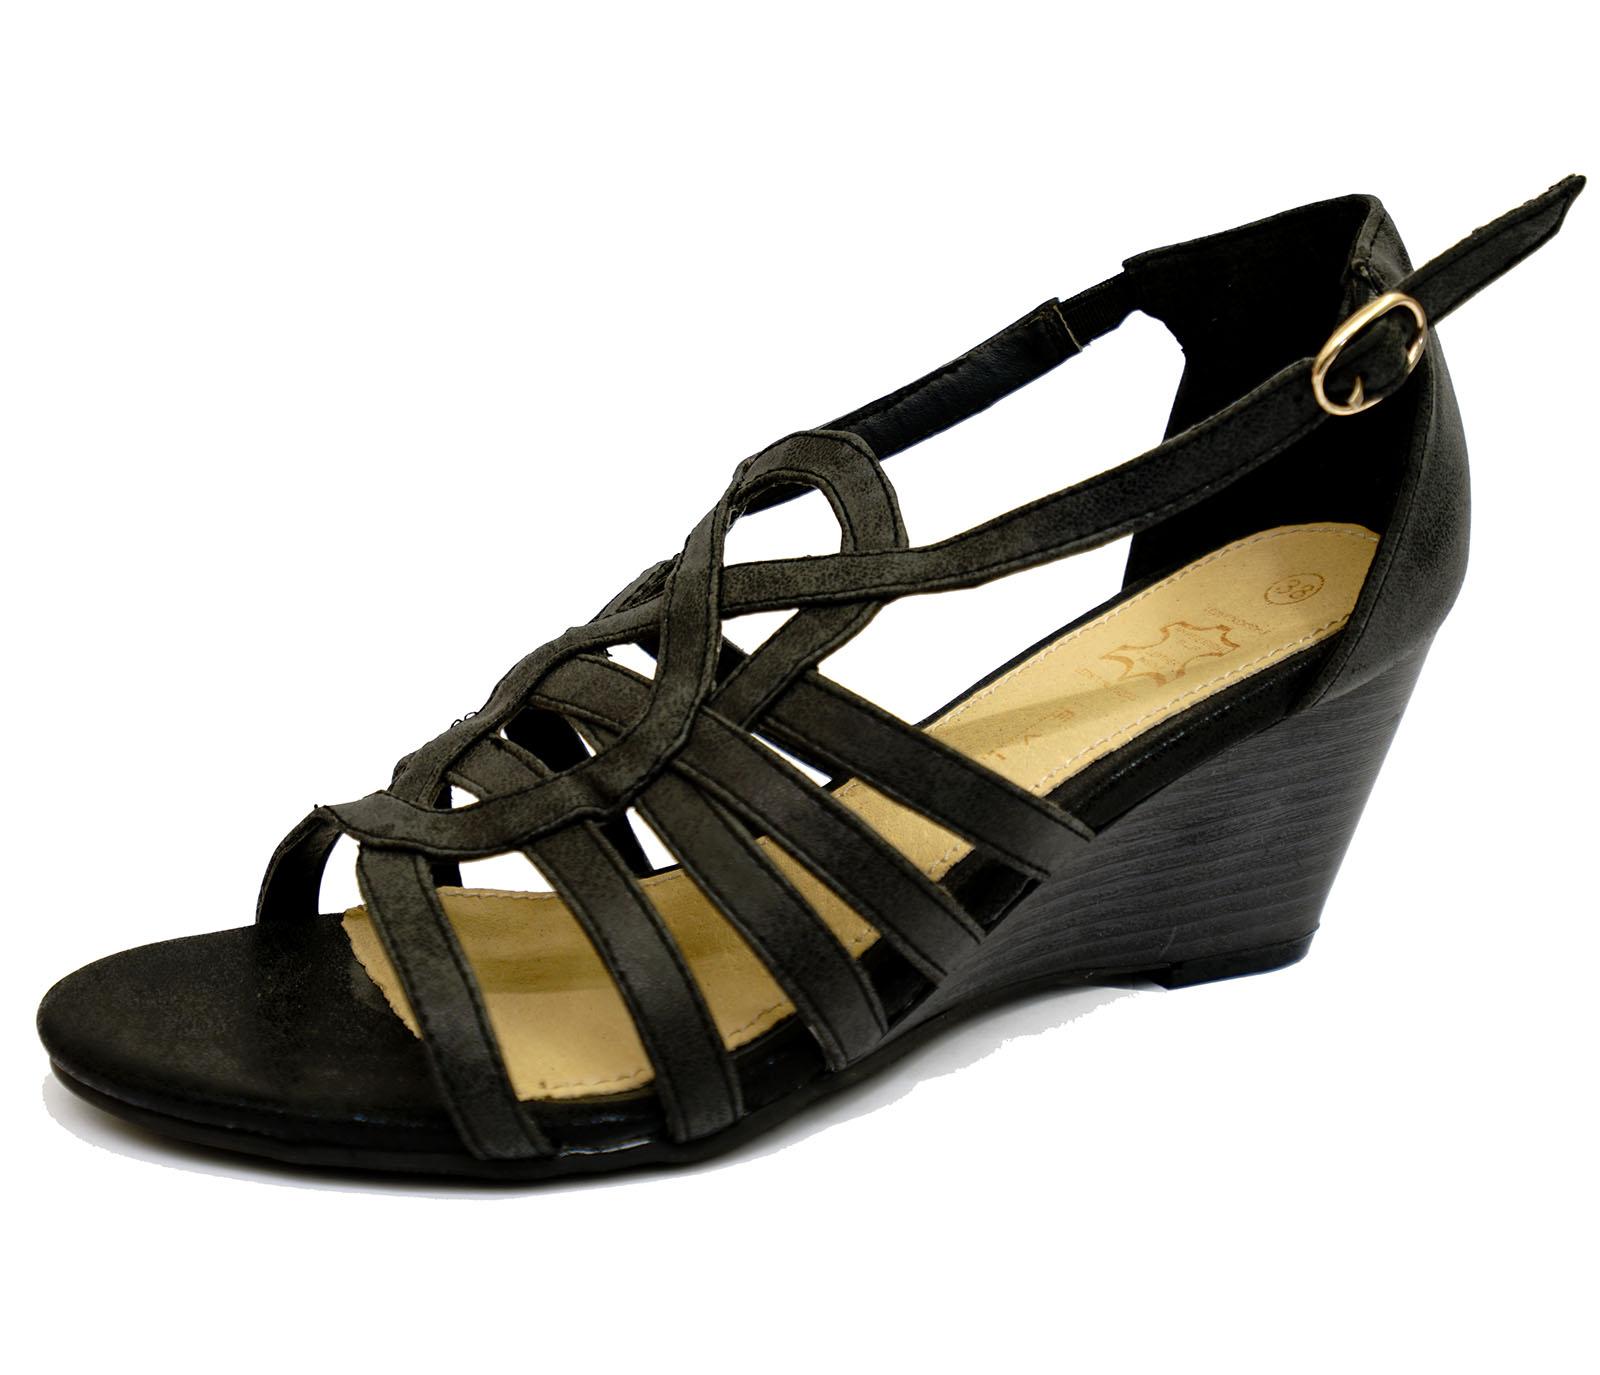 Para Mujeres Cuero Negro Puntera Abierta Zapatos Sandalias Cuñas De Verano Correa De Tobillo Uk 3-8